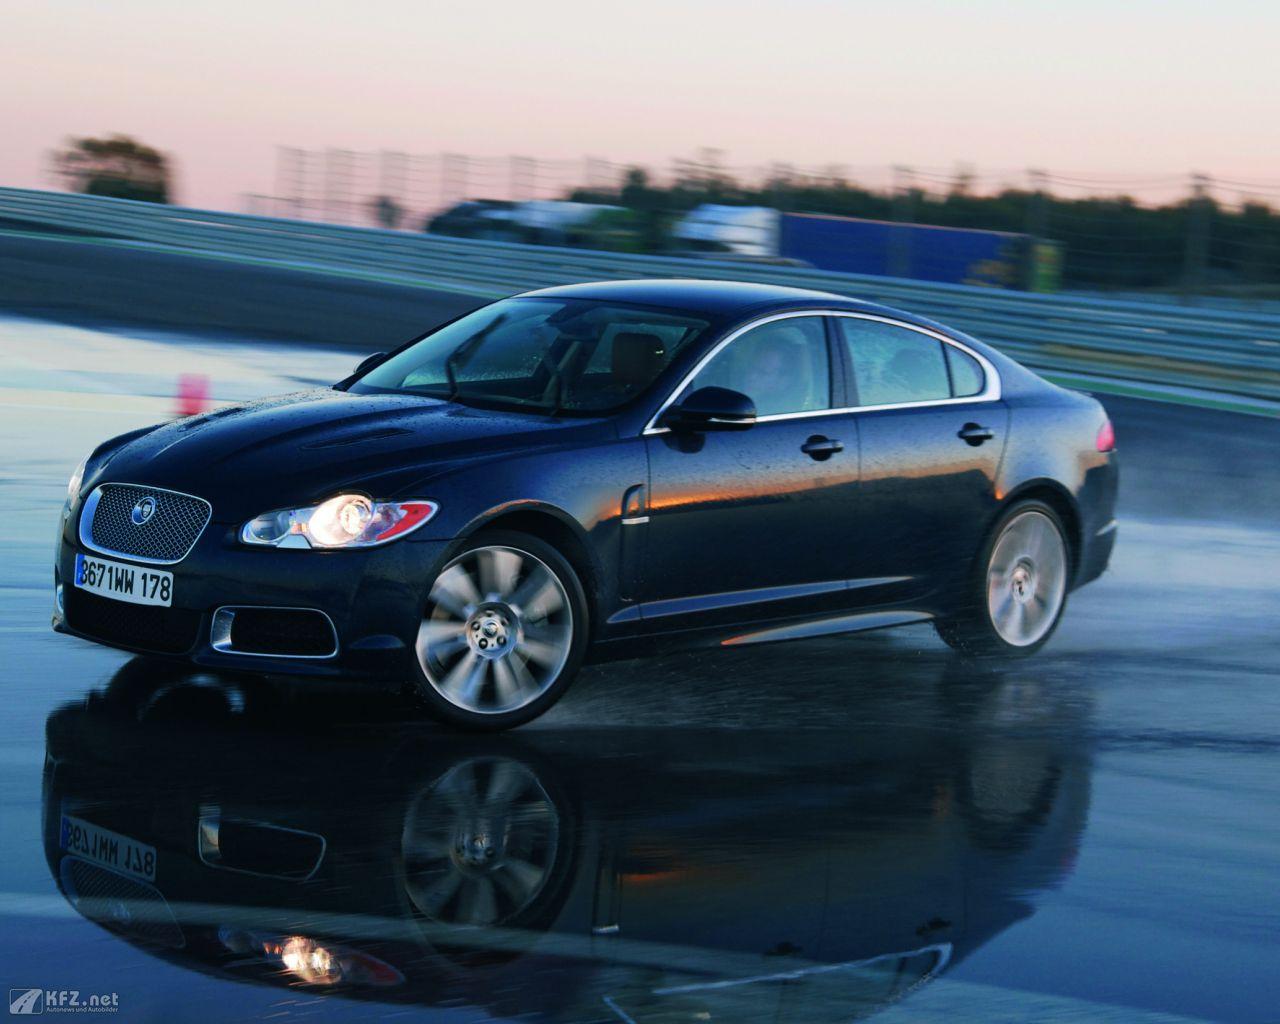 jaguar-xf-1280x1024-71